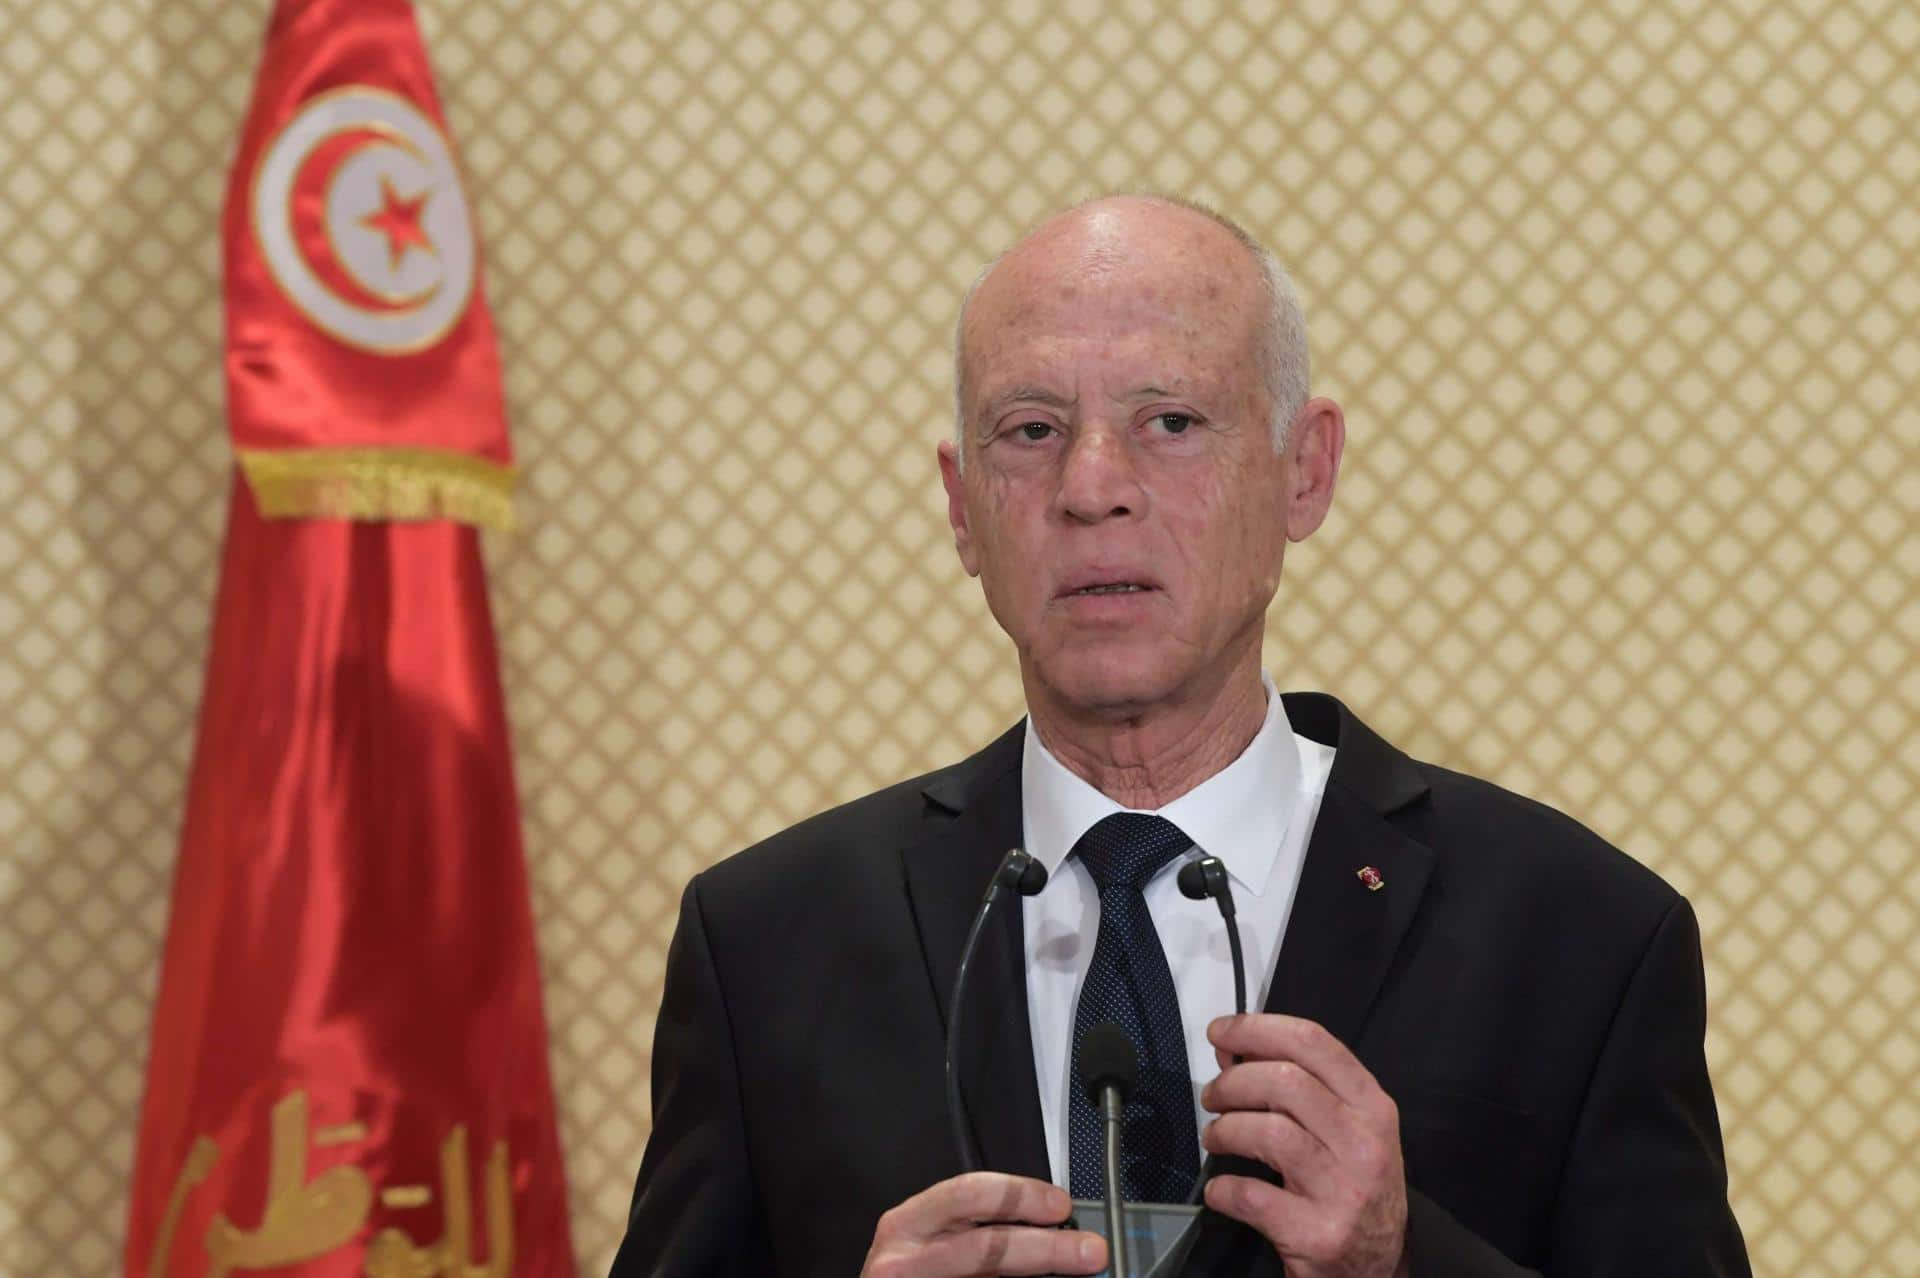 صحفي تونسي يكشف كيف يعامل قيس سعيد ضيوفه في قصر قرطاج (فيديو)